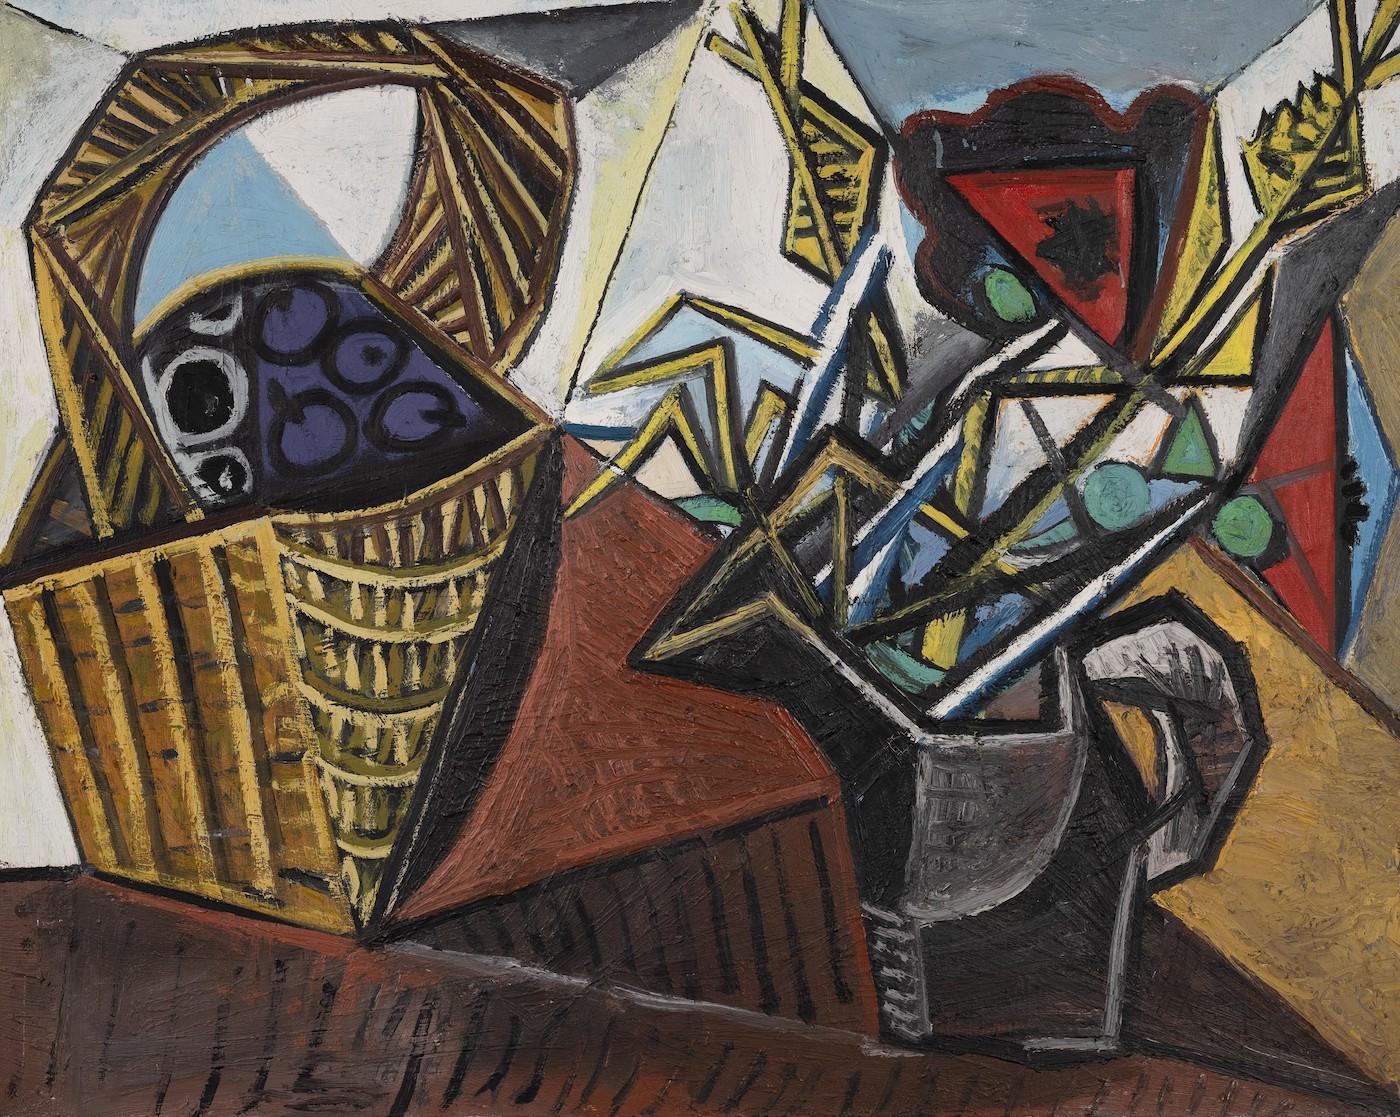 Pablo Picasso, Nature morte au panier de fruits et aux fleurs